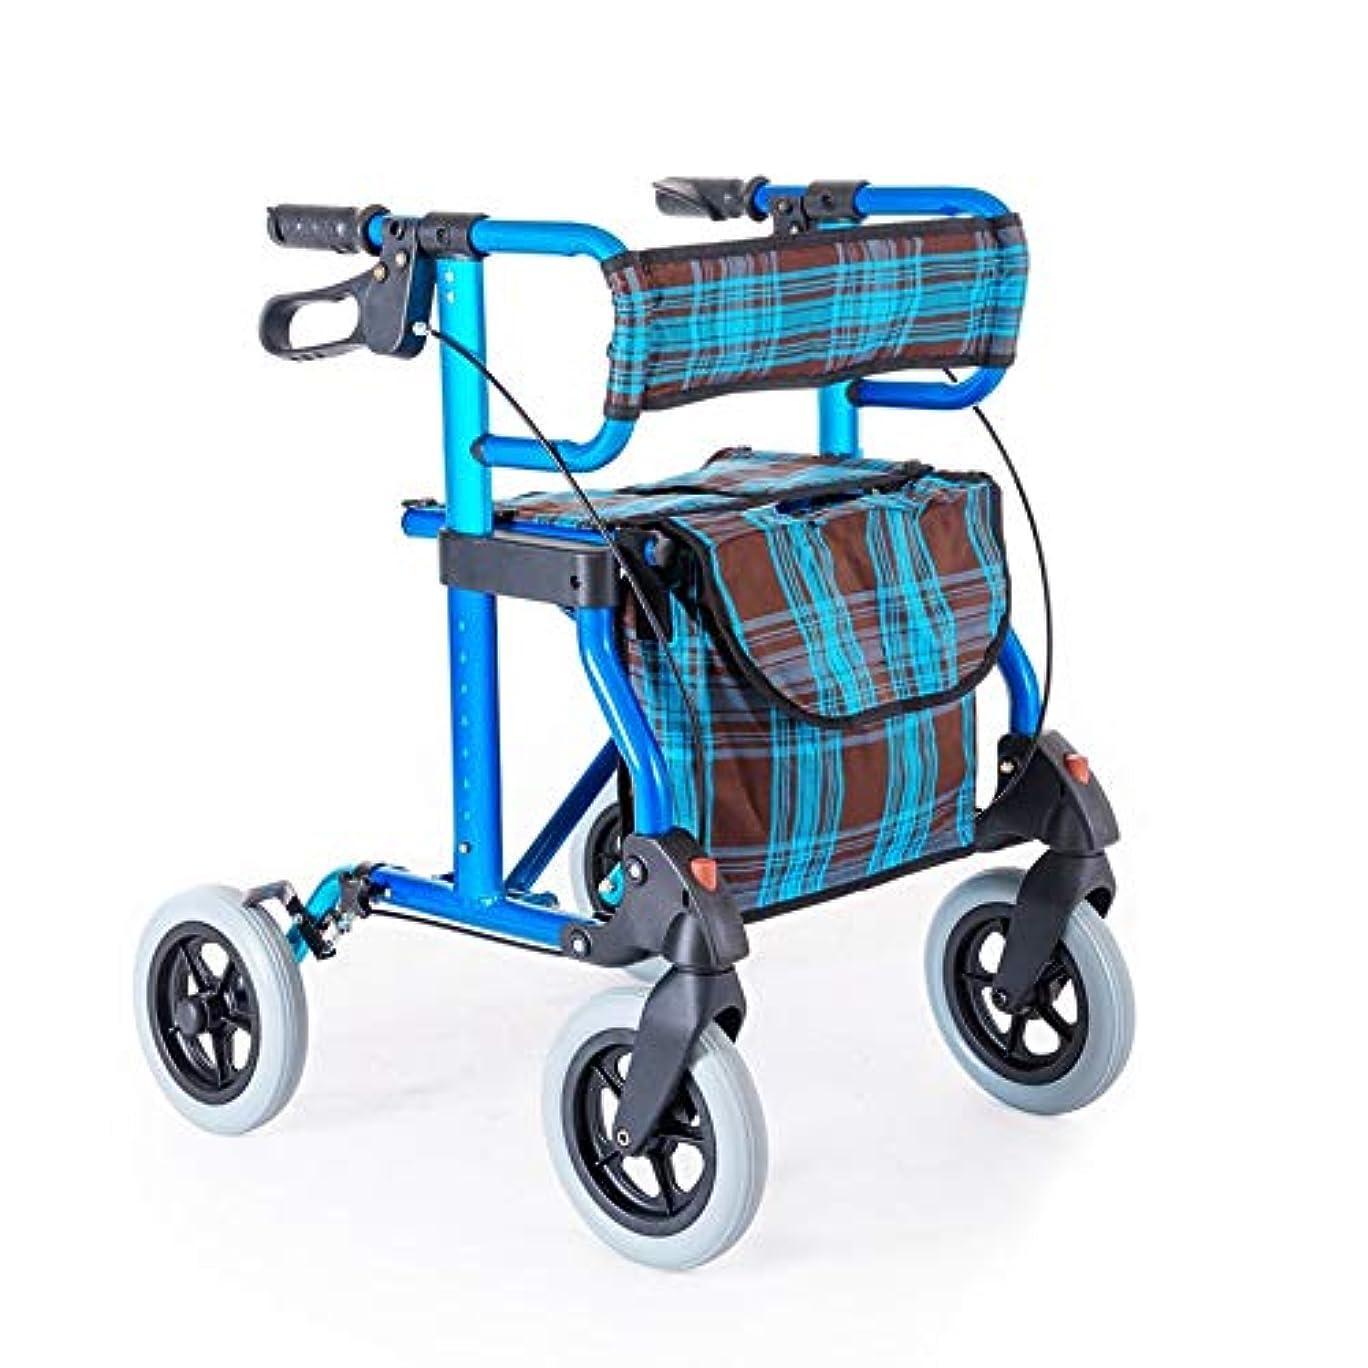 精査信頼性記念碑シートダブルセーフティブレーキ調整可能な高さ4ホイールローリング老人ショッピングカート付き軽量折りたたみ歩行器